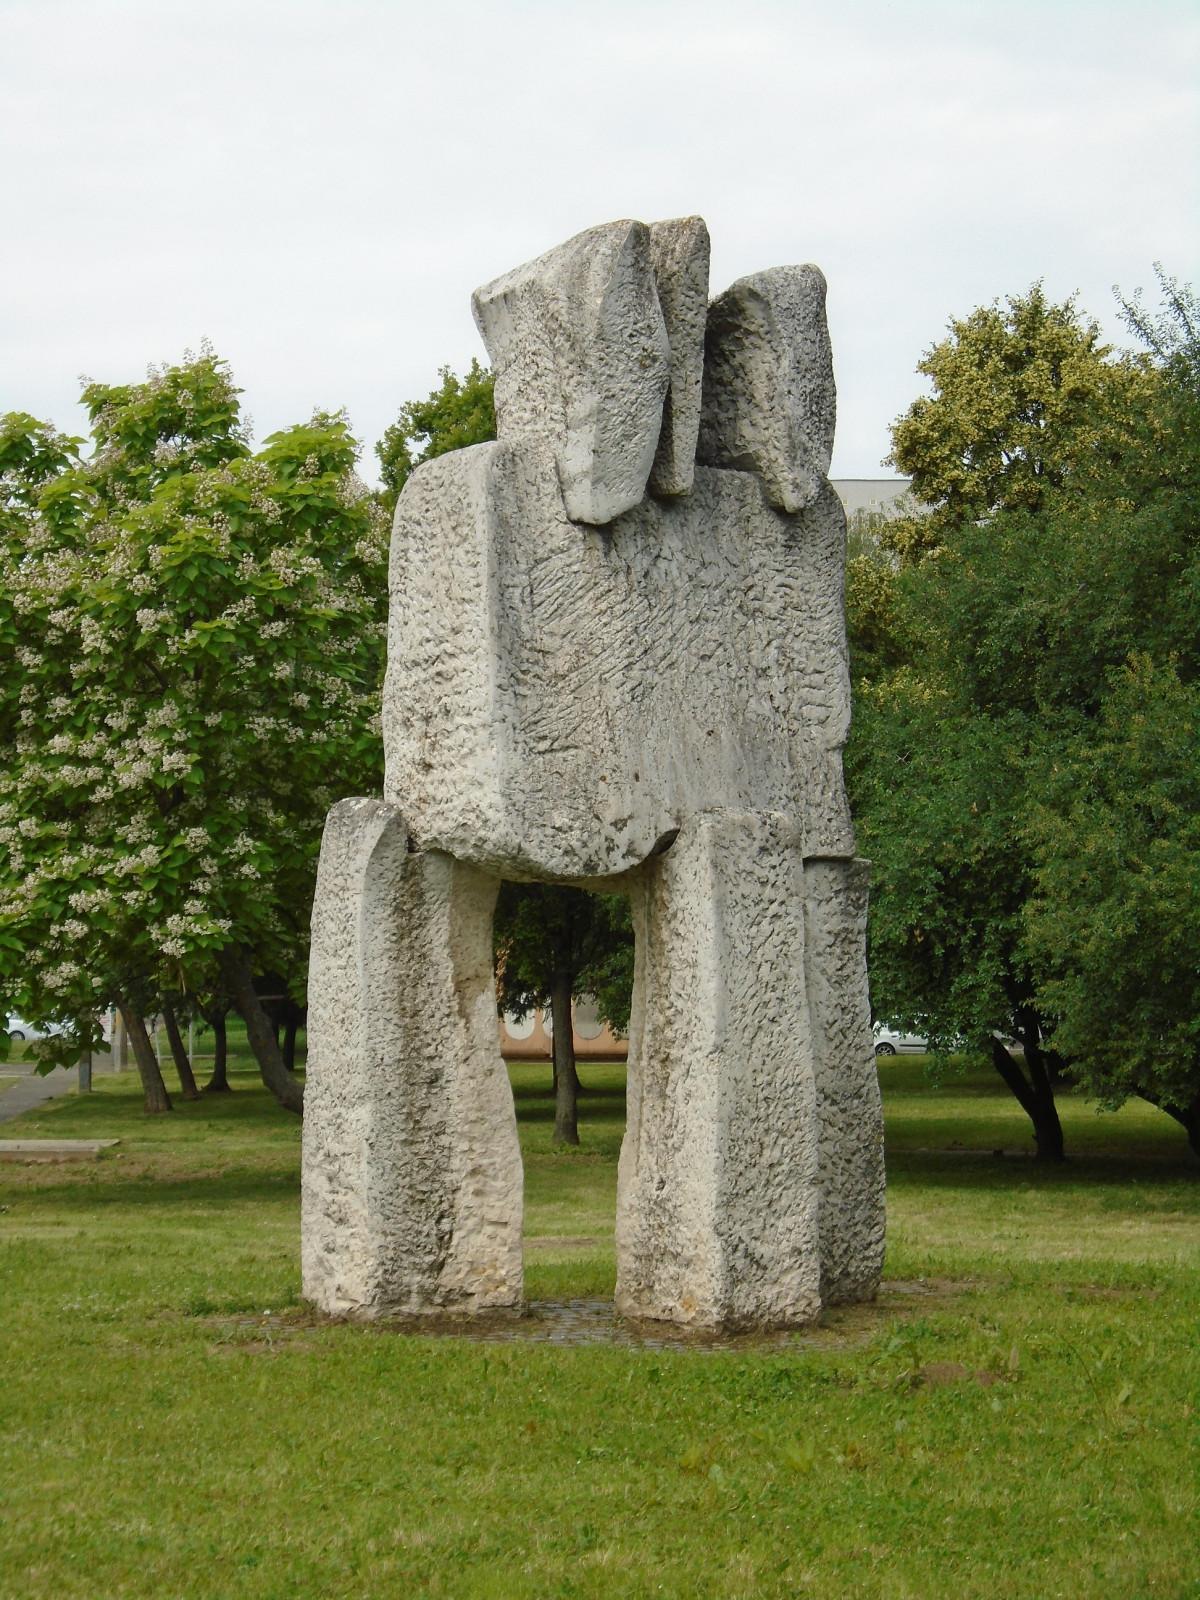 images gratuites roche paris monument france statue carr parc objet tourisme lieux d. Black Bedroom Furniture Sets. Home Design Ideas